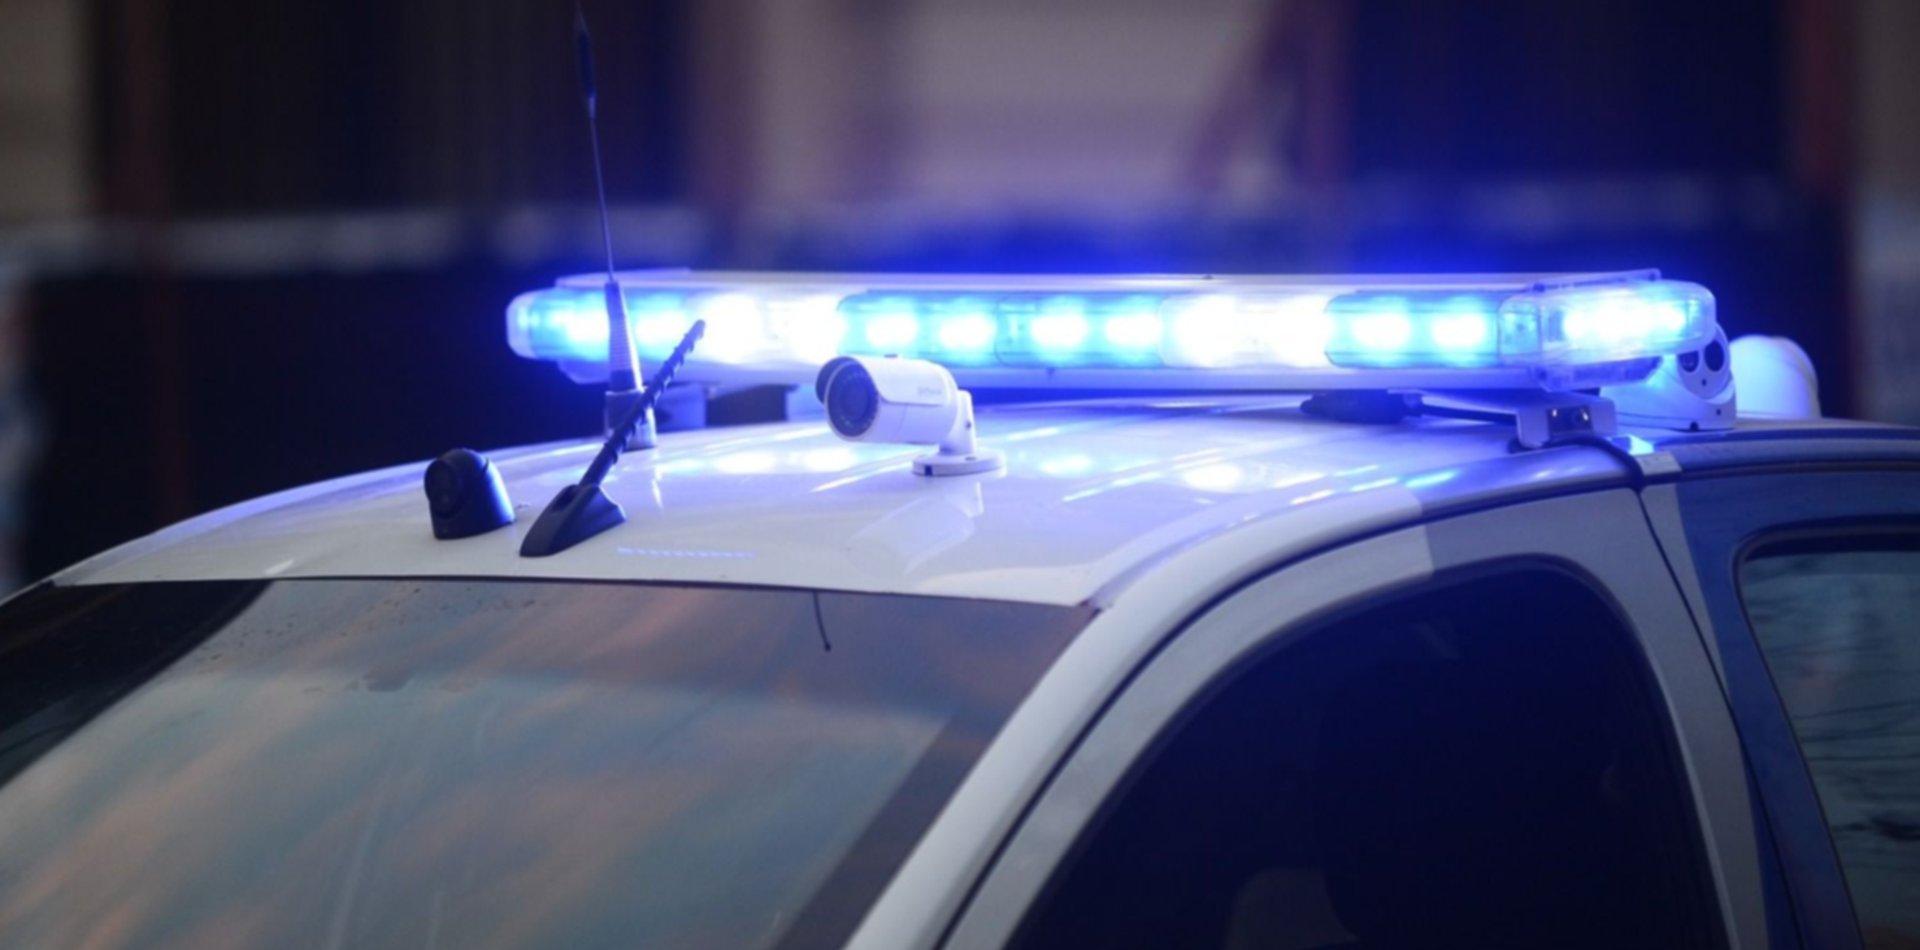 Conmoción: un joven de 22 años mató de un escopetazo a otro de 29